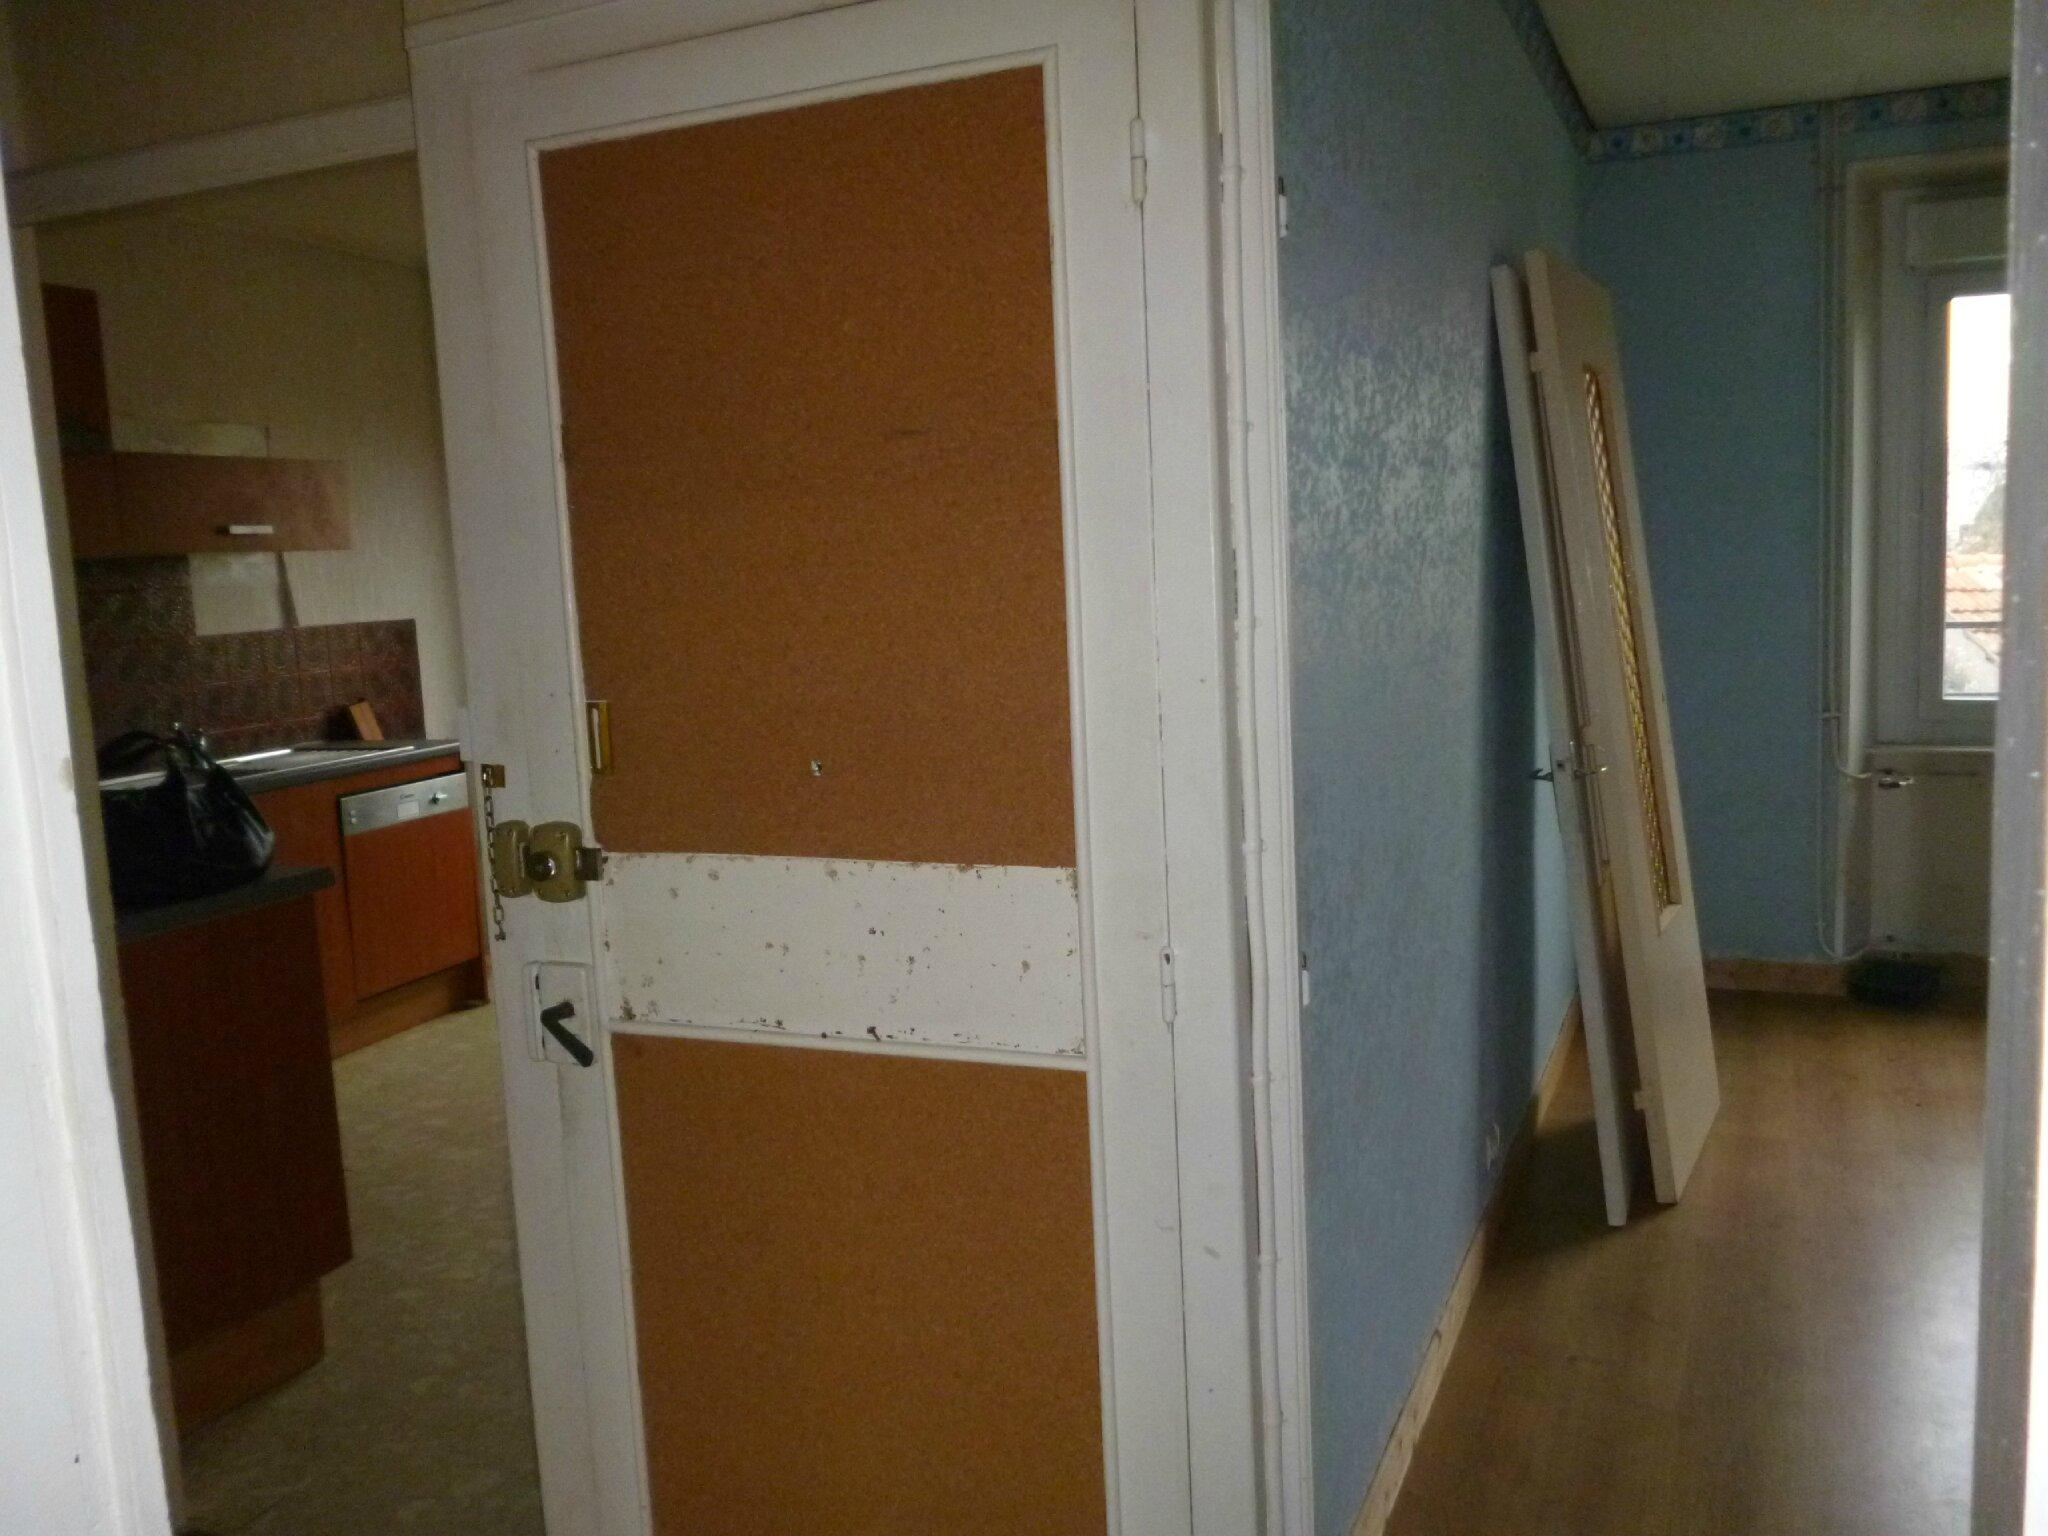 La porte marron et blanche c 39 est la porte d 39 entr e qui tait situ e en plein milieu de l for Porte d entree appartement